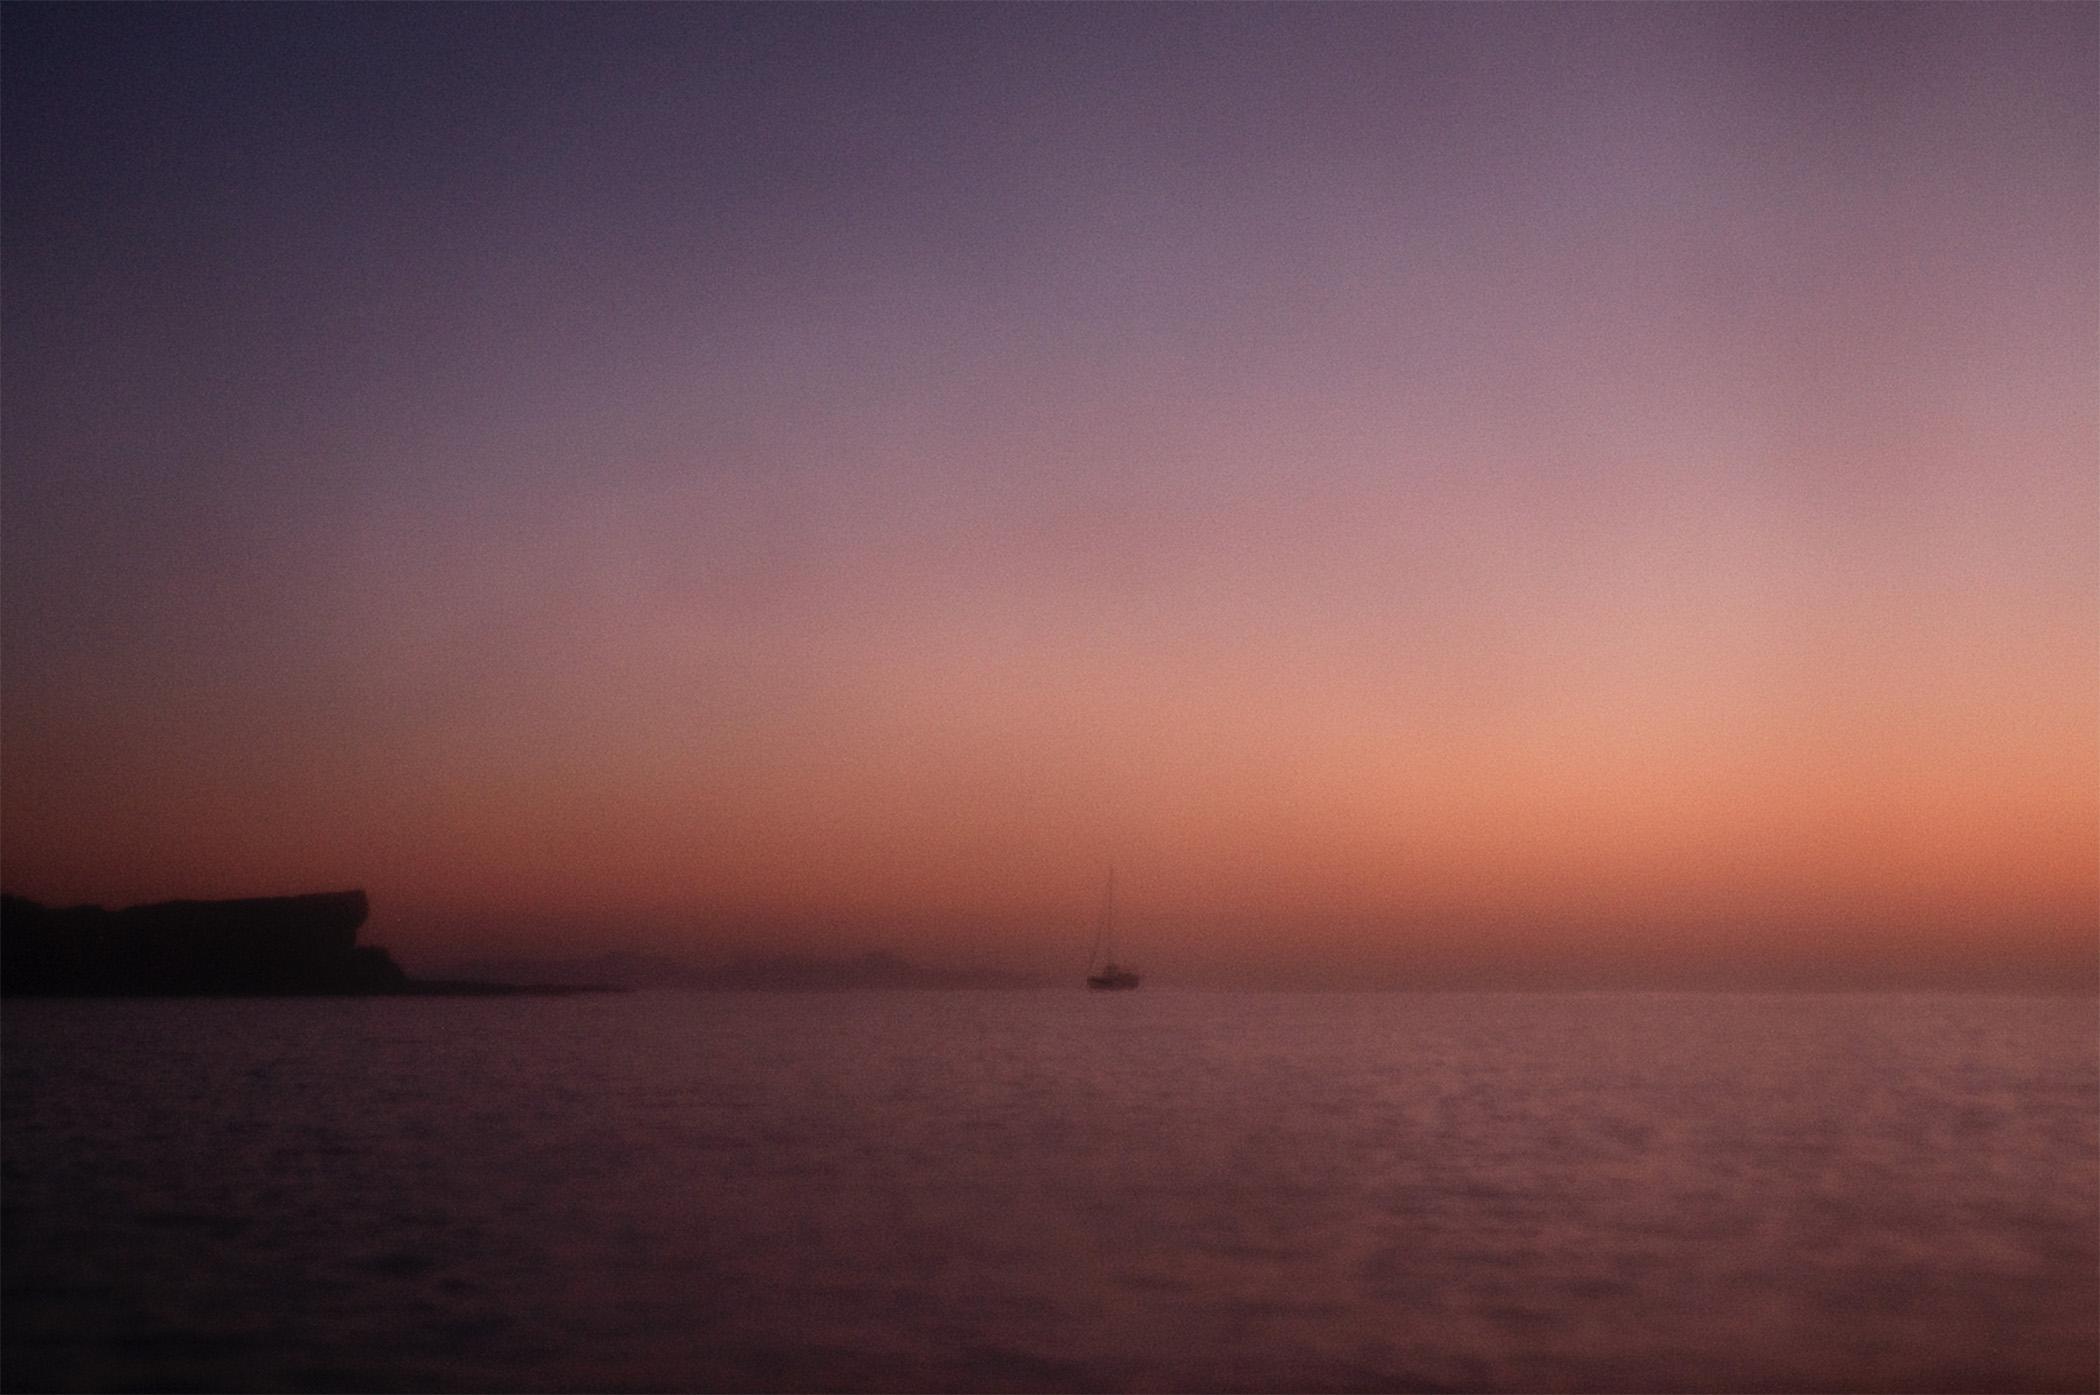 Sea of Cortez, Jeanette Paredes (c) 2019